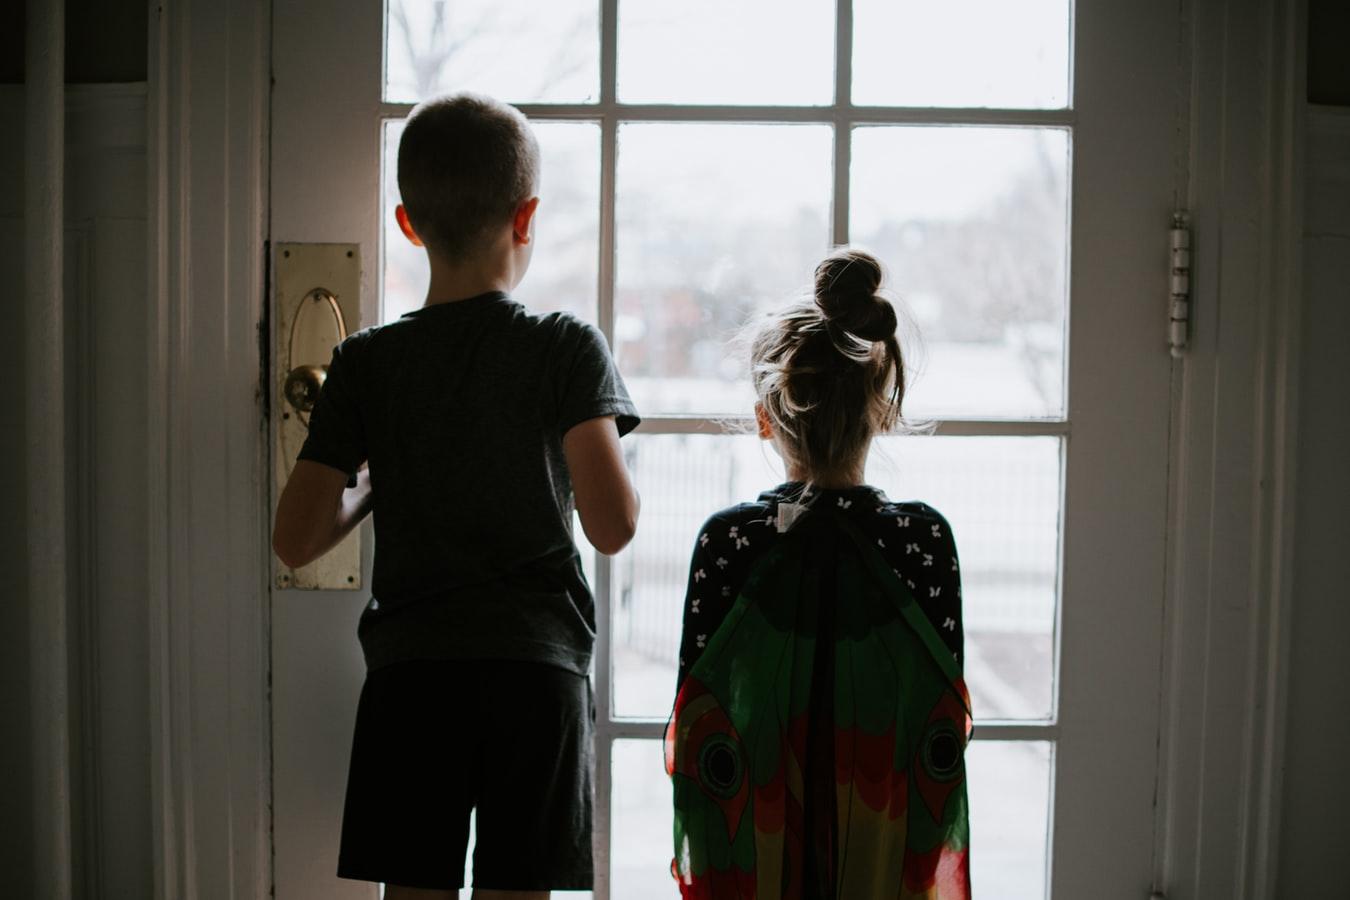 Τα παιδιά μου τσακώνονται συνέχεια, τι να κάνω;